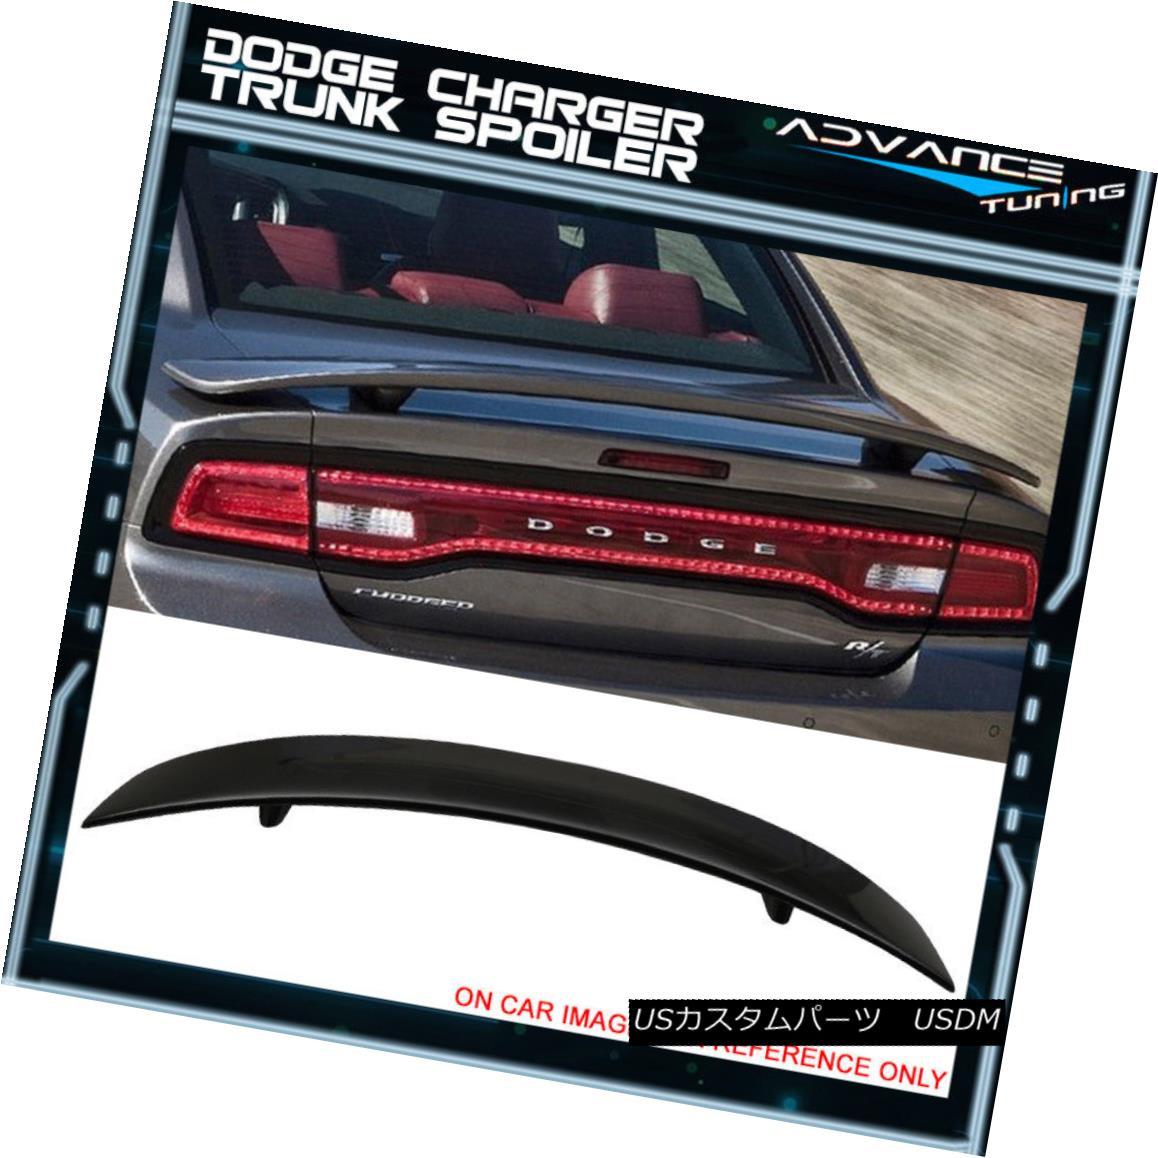 エアロパーツ Fits 11-18 Dodge Charger SRT Rear Trunk Spoiler Wing ABS Painted # PX8 Black 11-18 Dodge Charger SRTリアトランクスポイラーウィングABS塗装#PX8ブラック